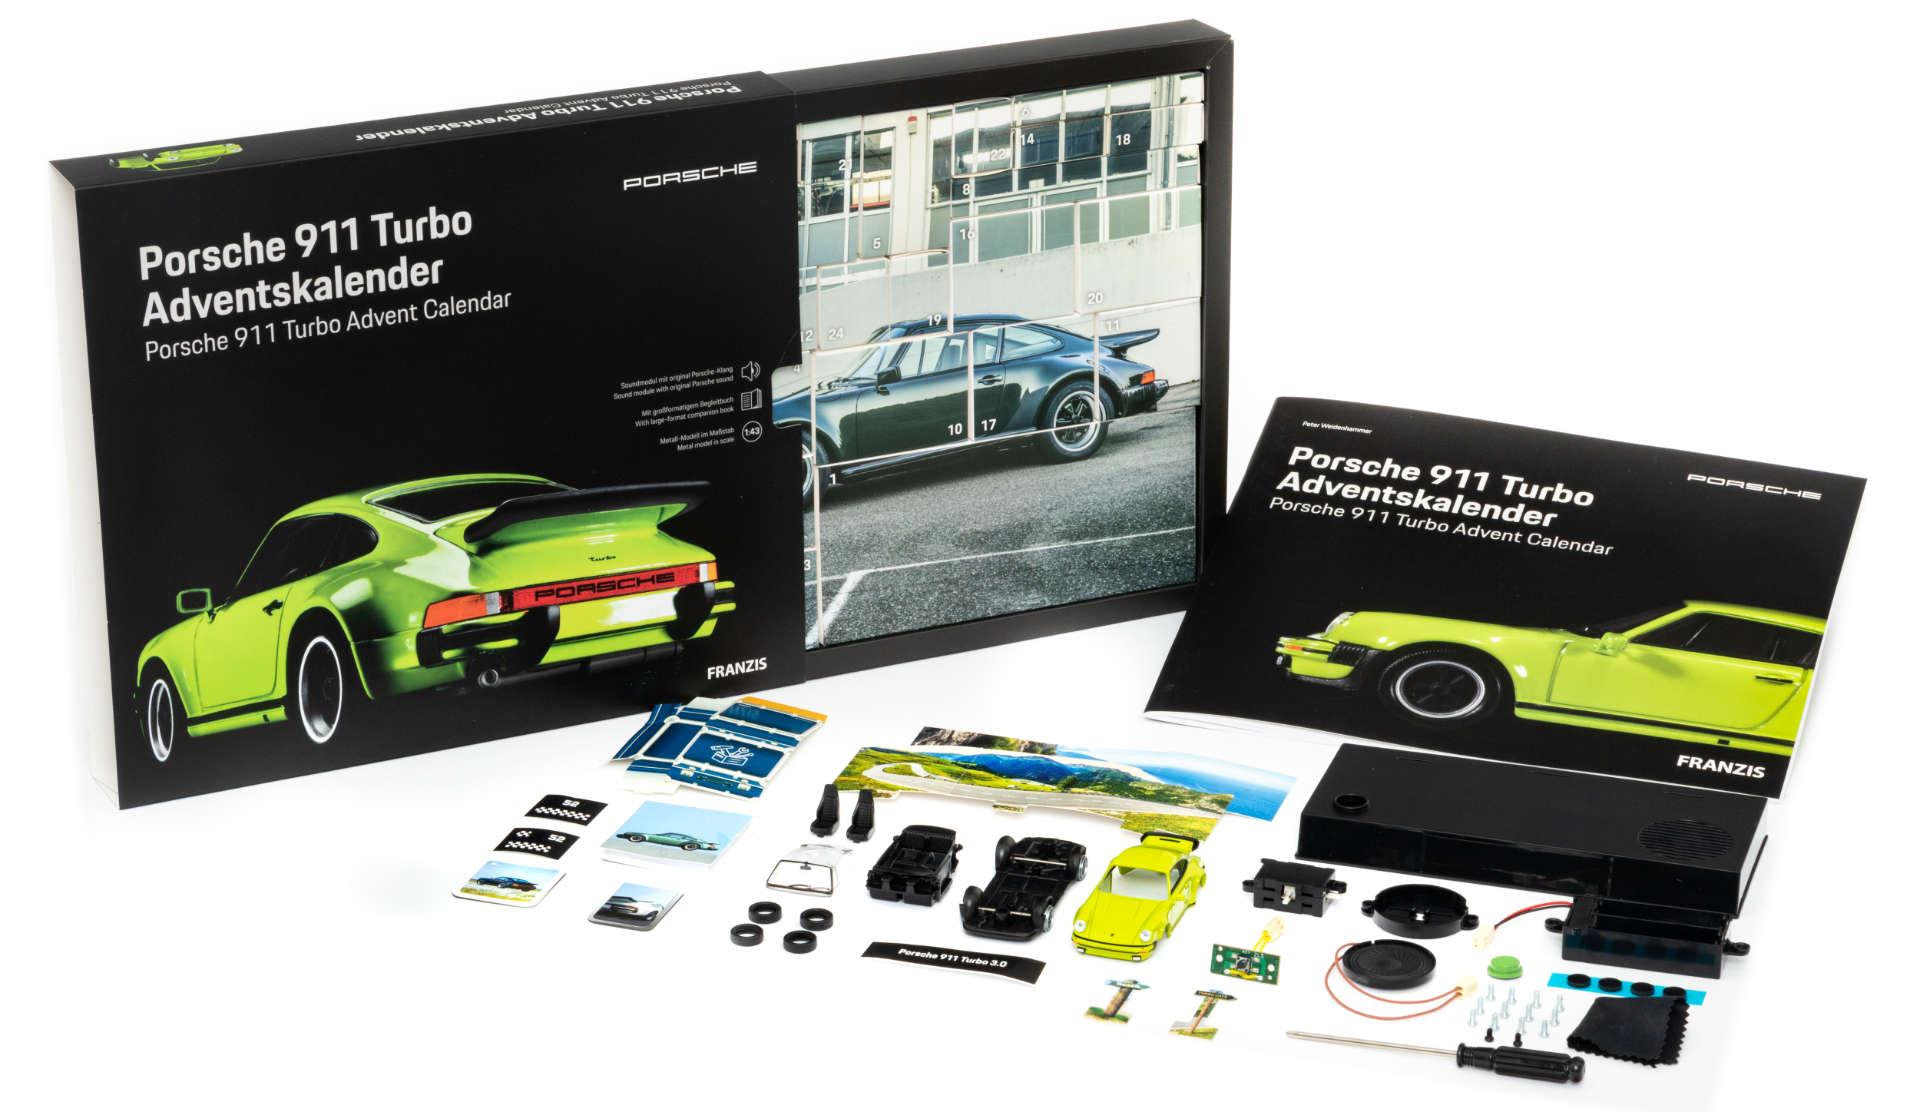 Porsche 911 Turbo Adventskalender Inhalt